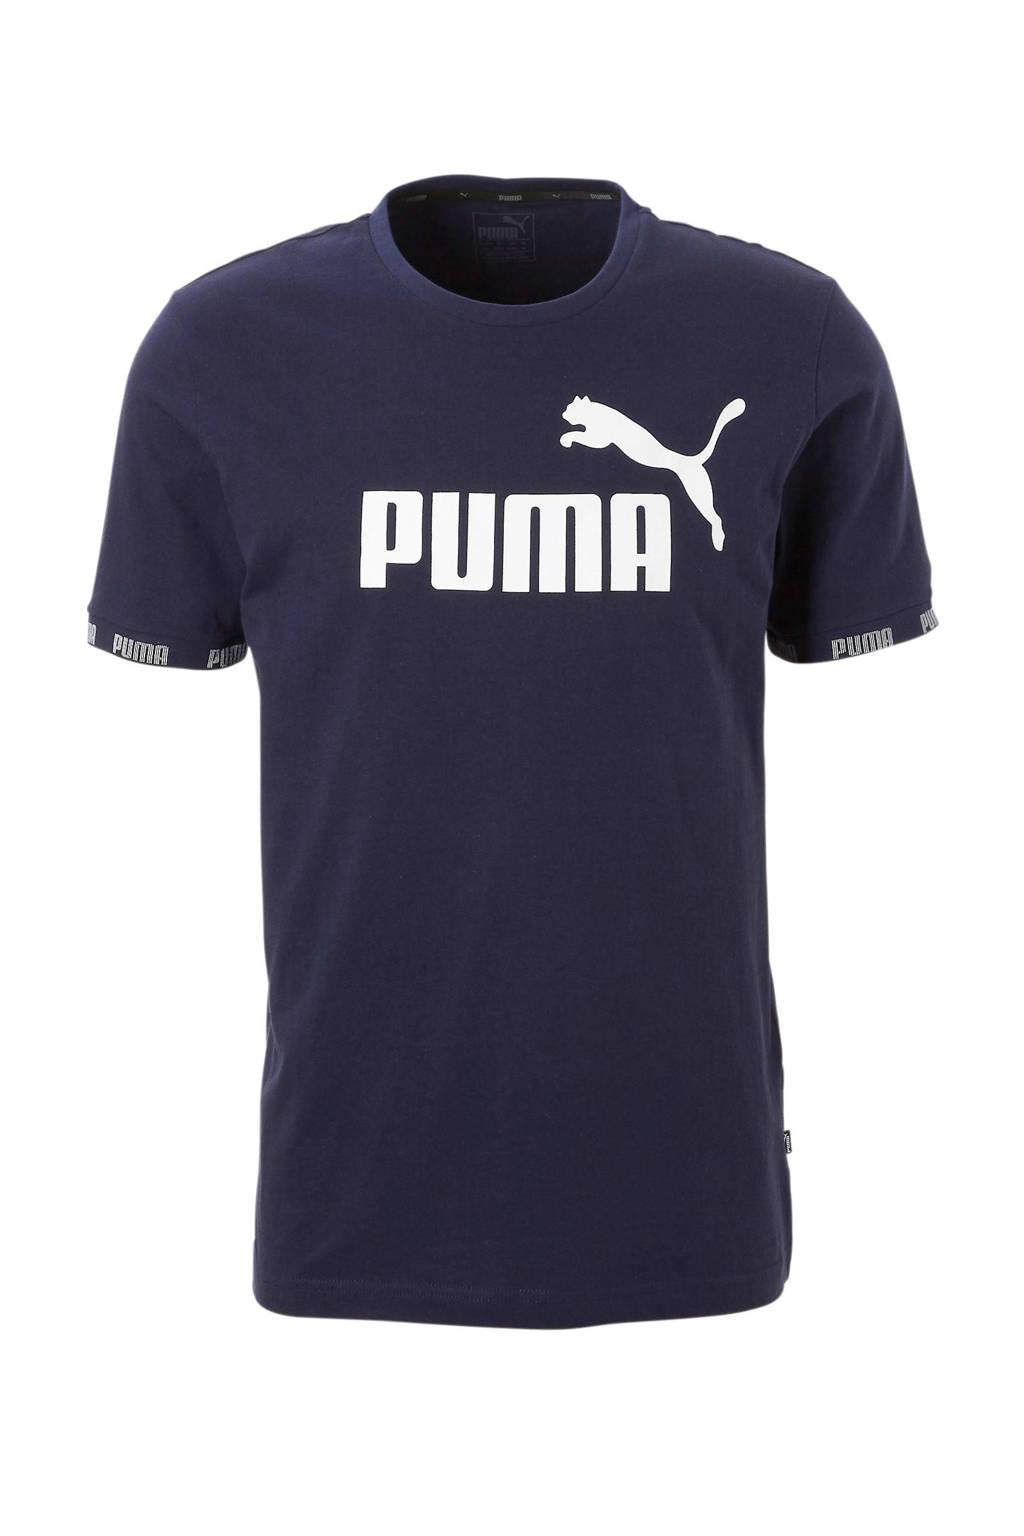 Puma   T-shirt marine, Marine